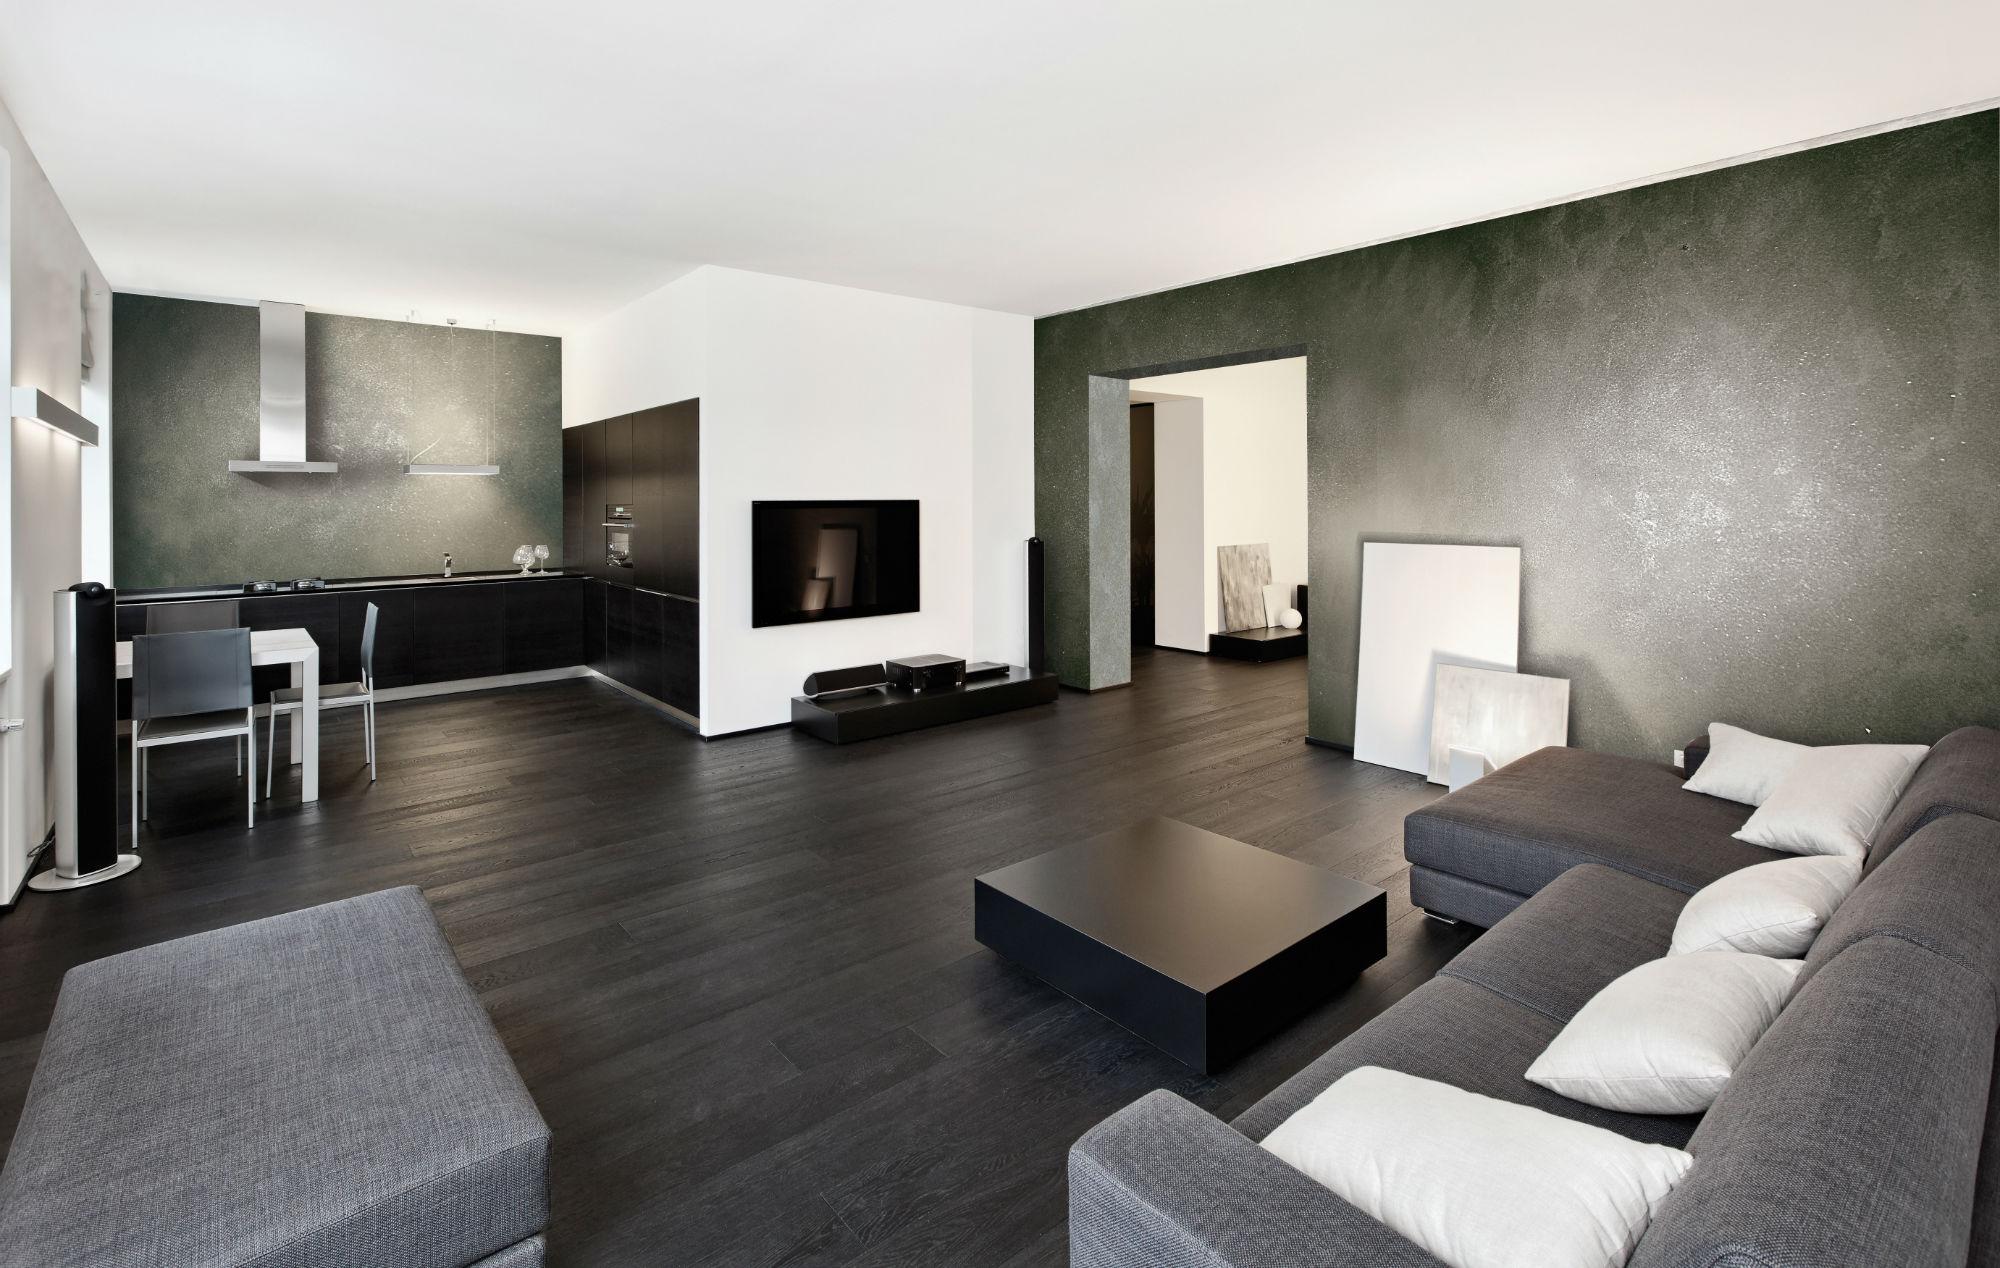 soggiorno klondikelight 01 exklusive wohnideen passende outfits f r ihr zuhause. Black Bedroom Furniture Sets. Home Design Ideas